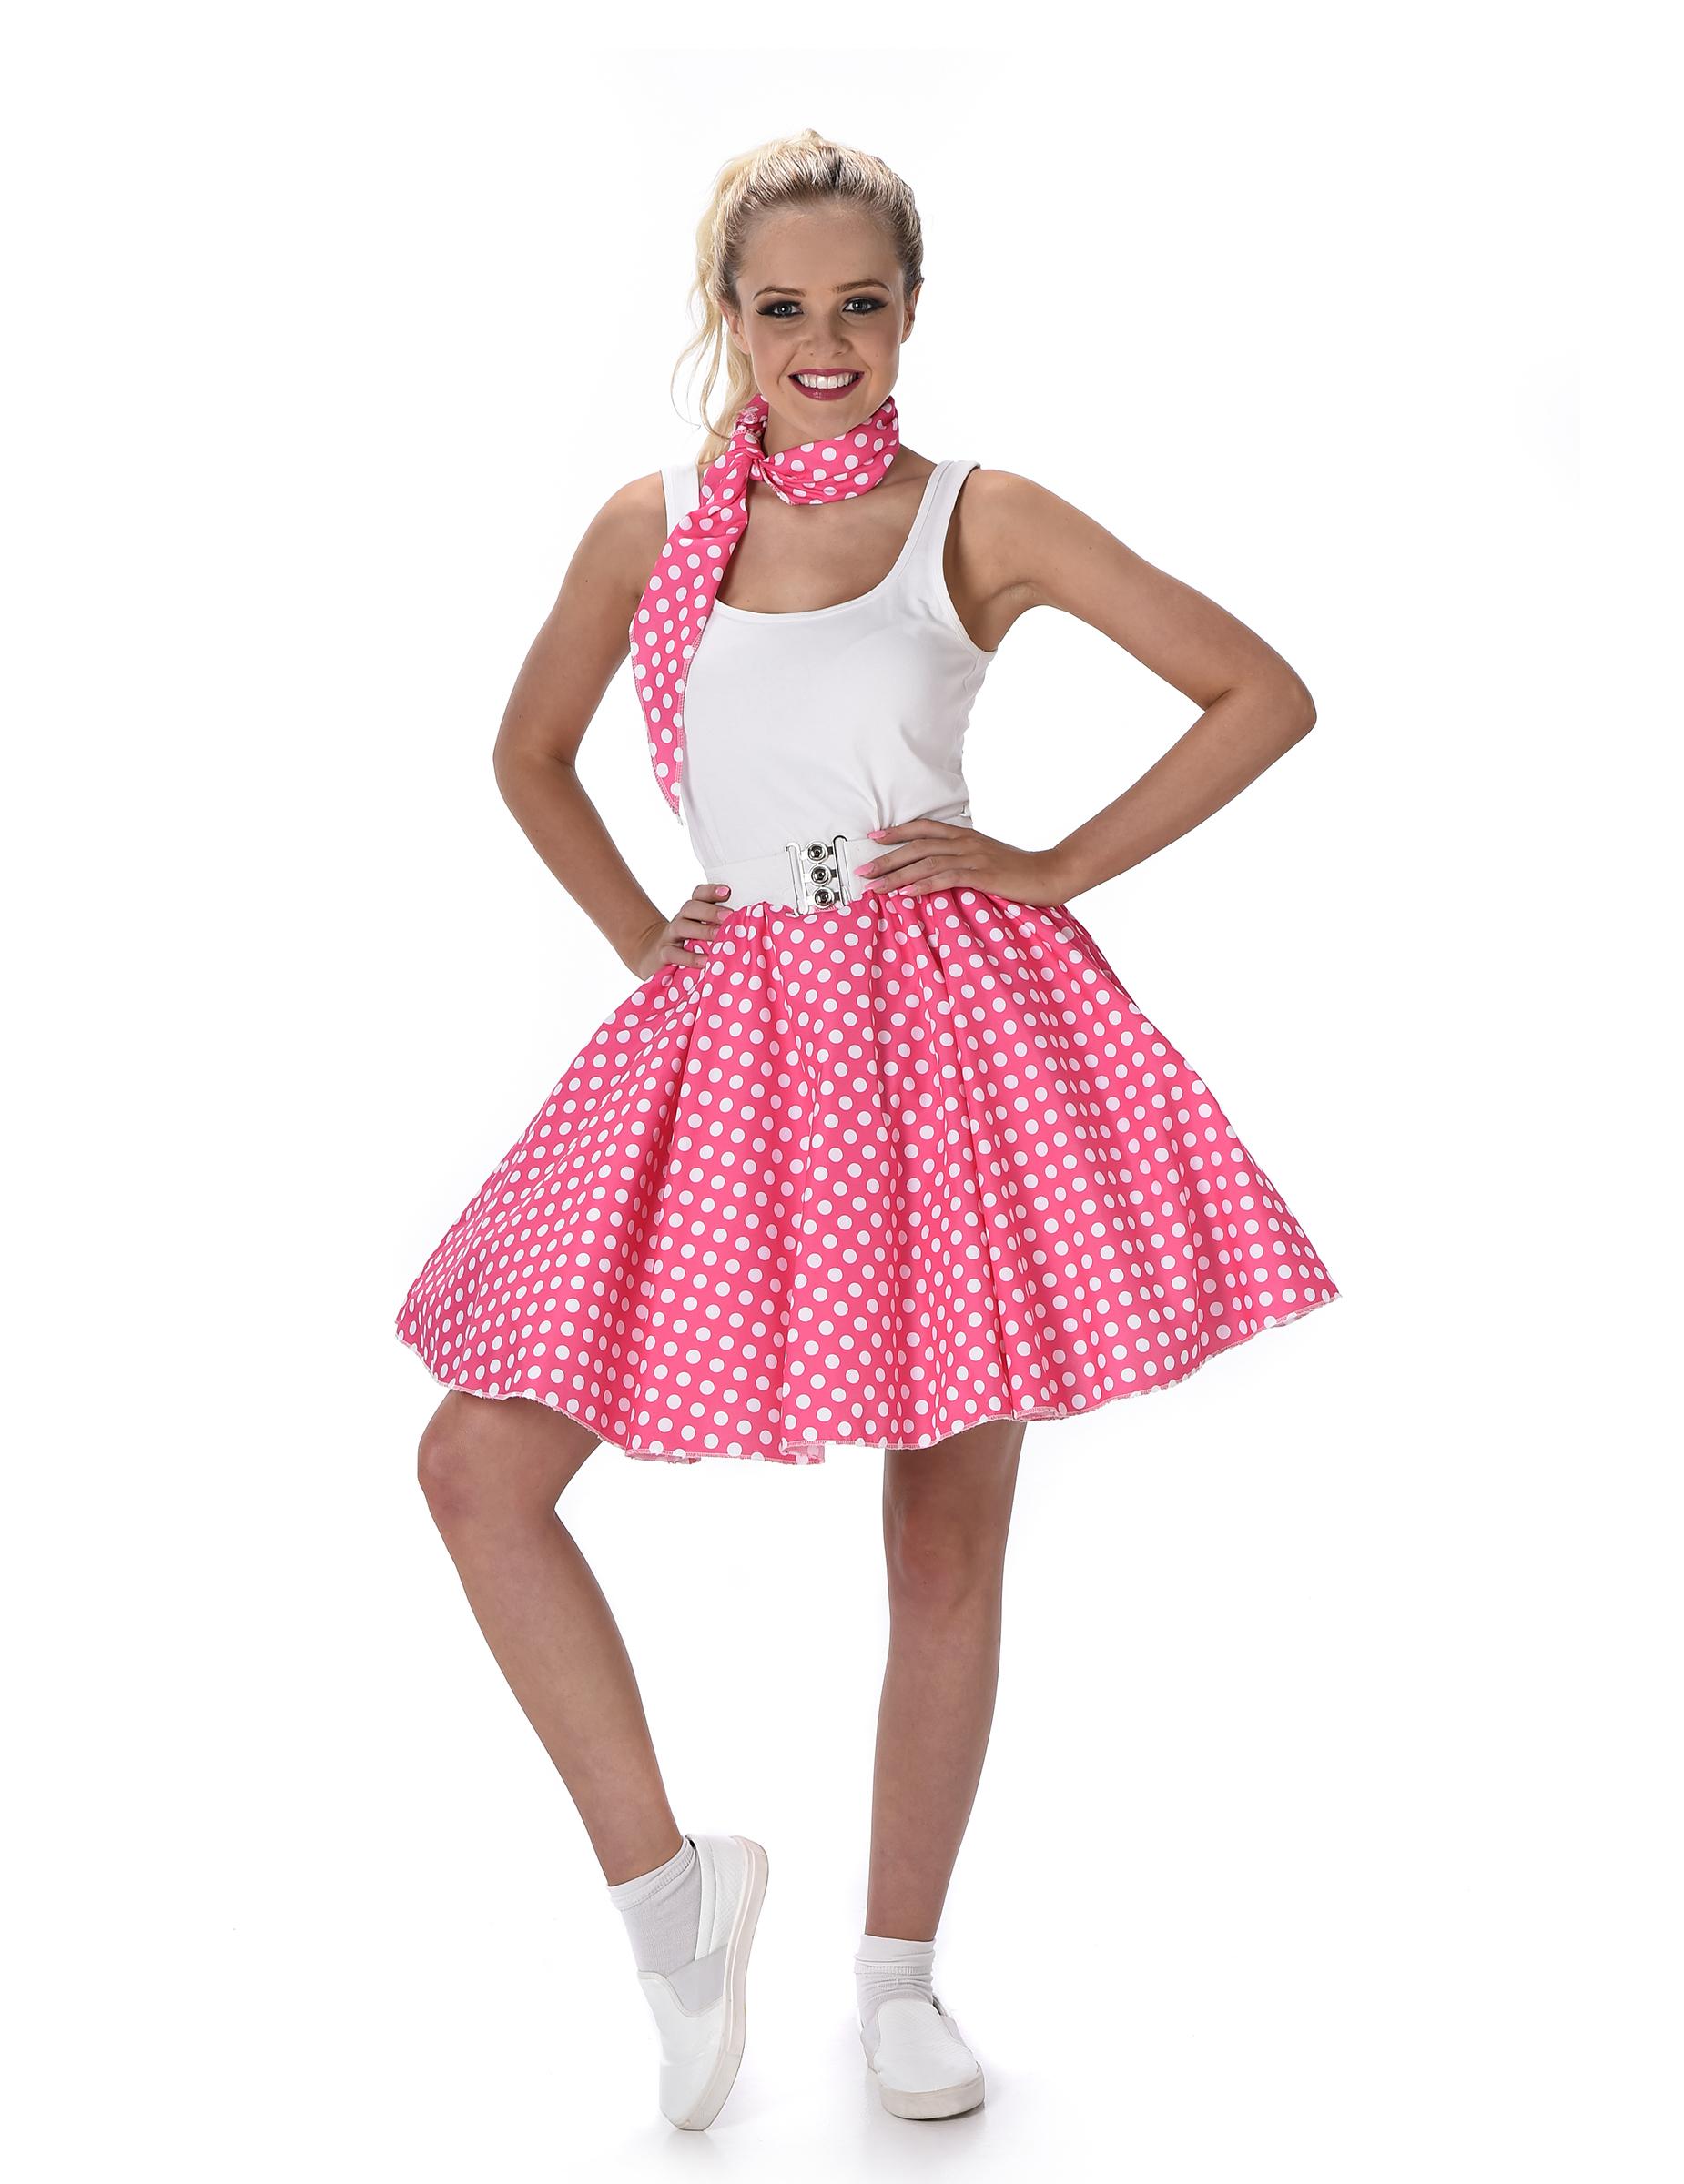 fb34642ed59a 50er-Jahre Rockabilly Petticoat-Rock mit Halstuch pink-weiss